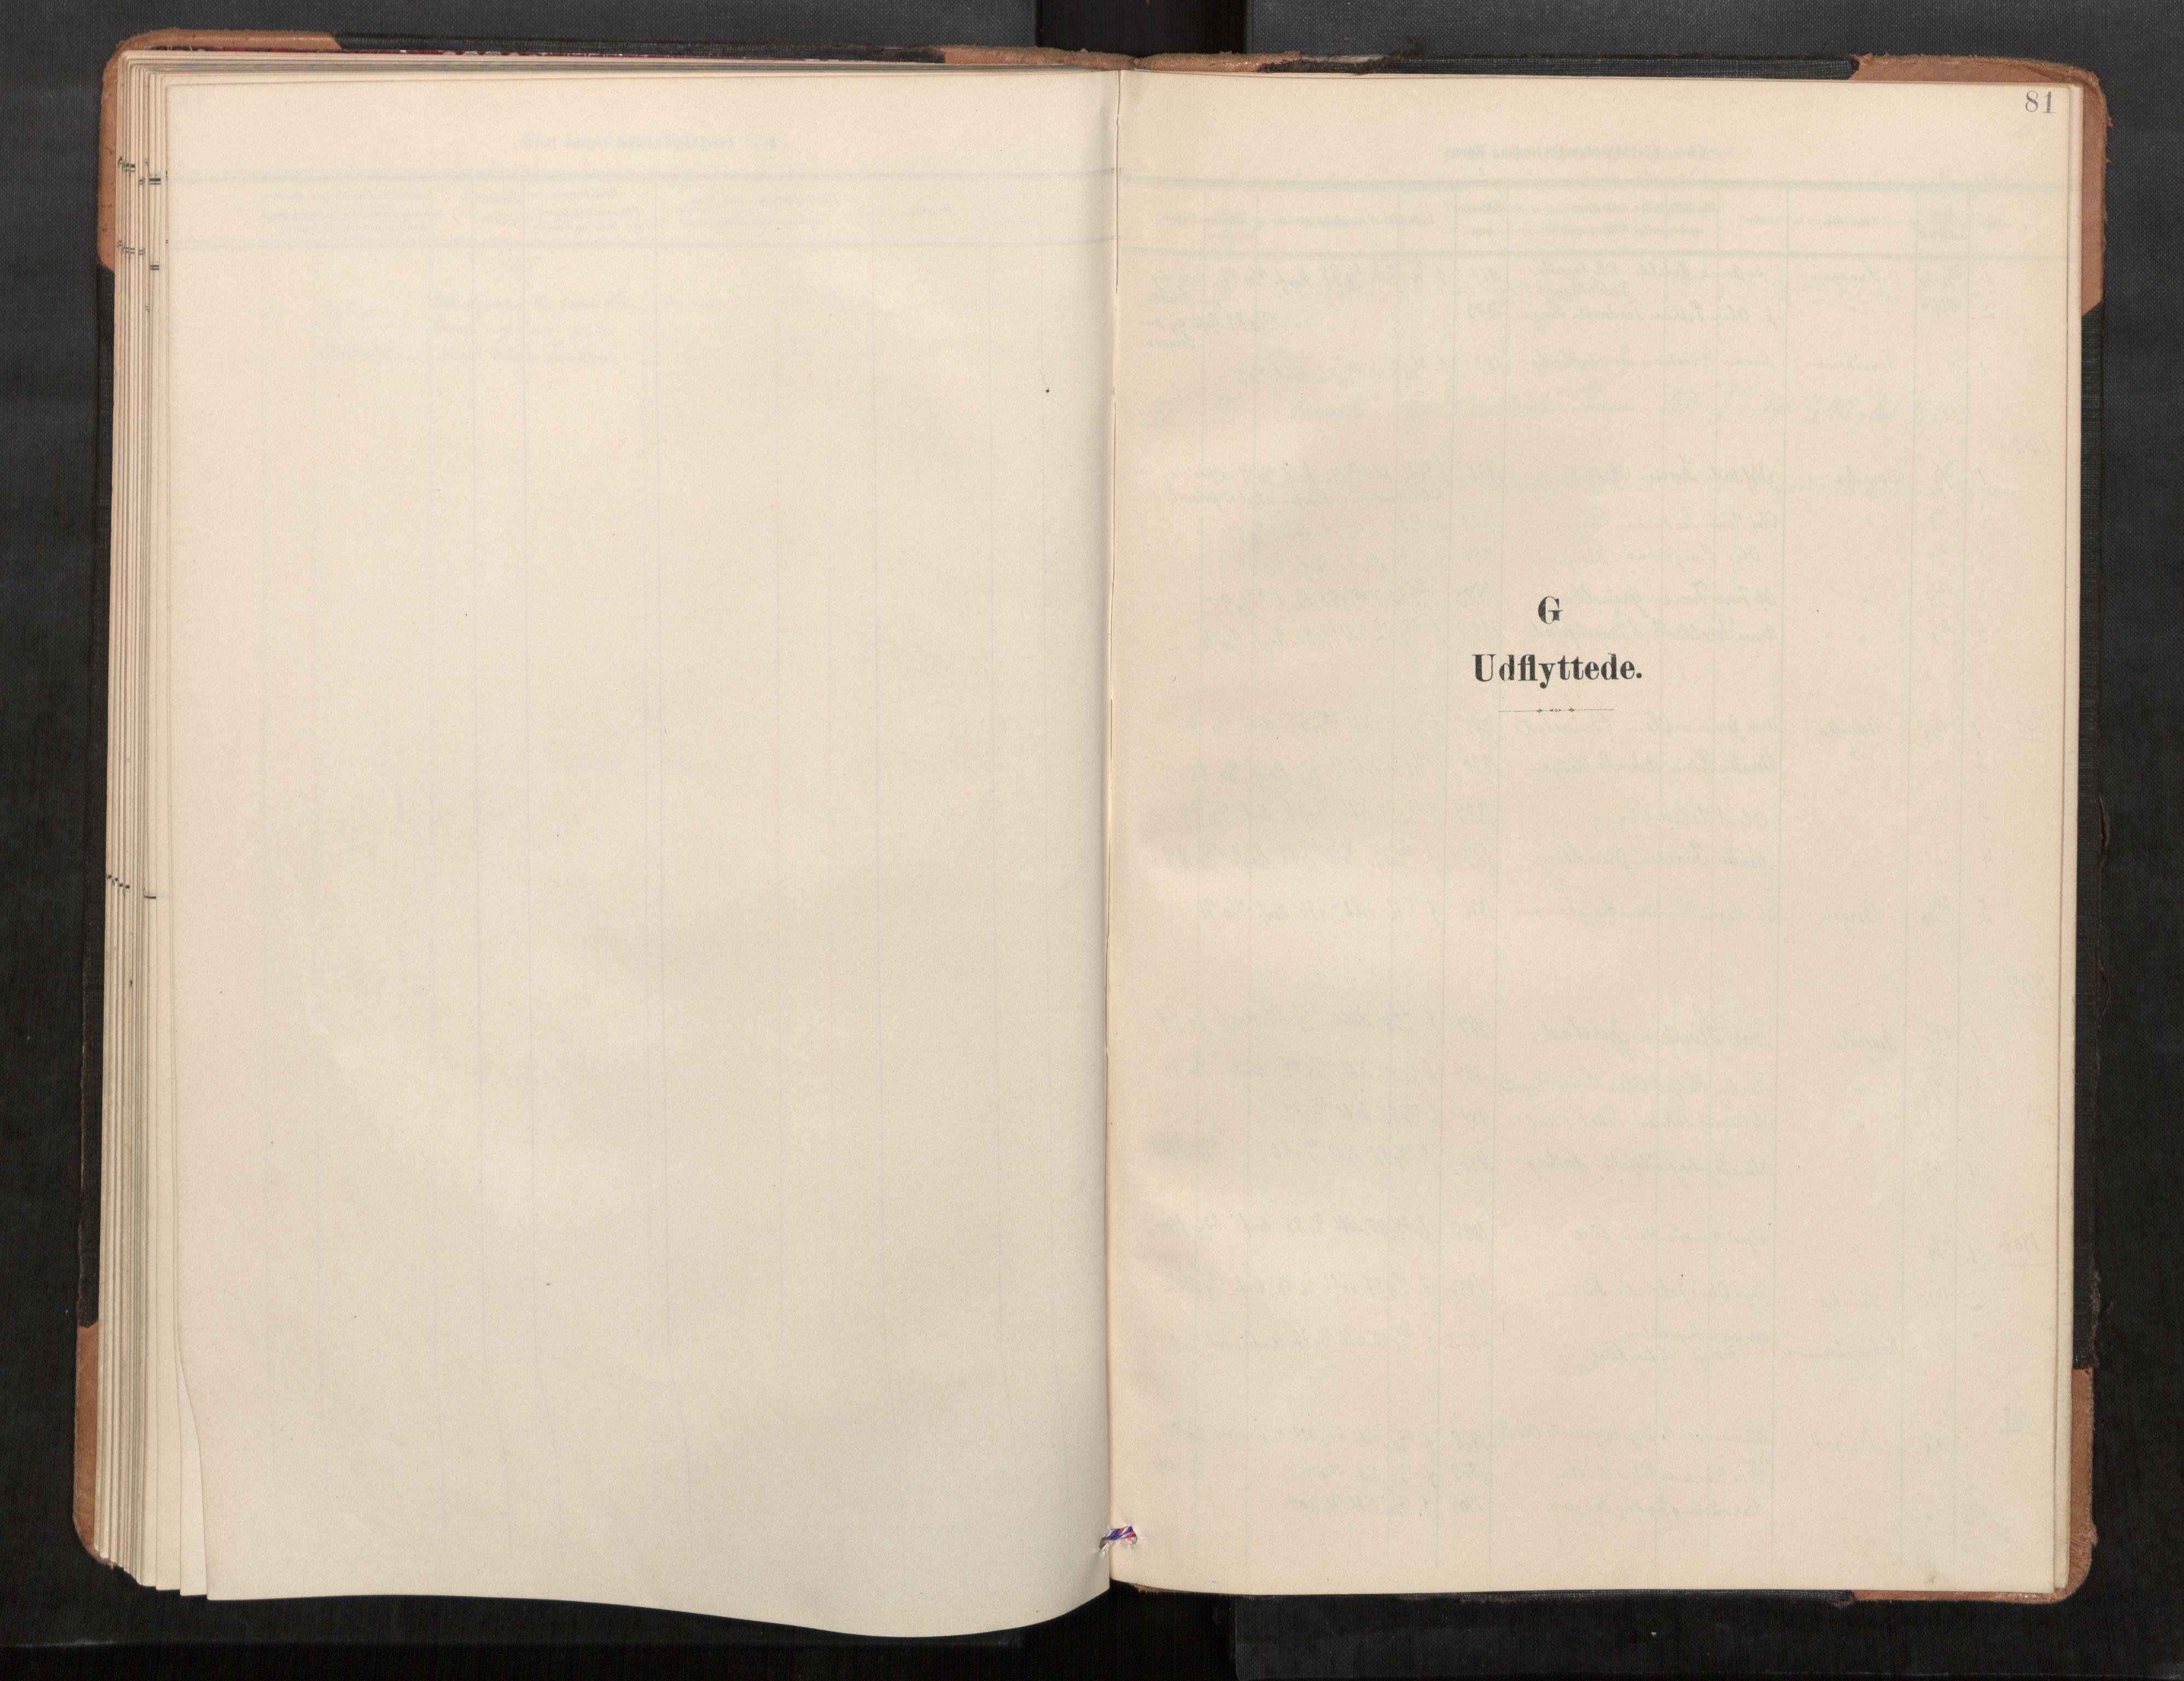 SAT, Stod sokneprestkontor, I/I1/I1a/L0001: Parish register (official) no. 1, 1900-1912, p. 81